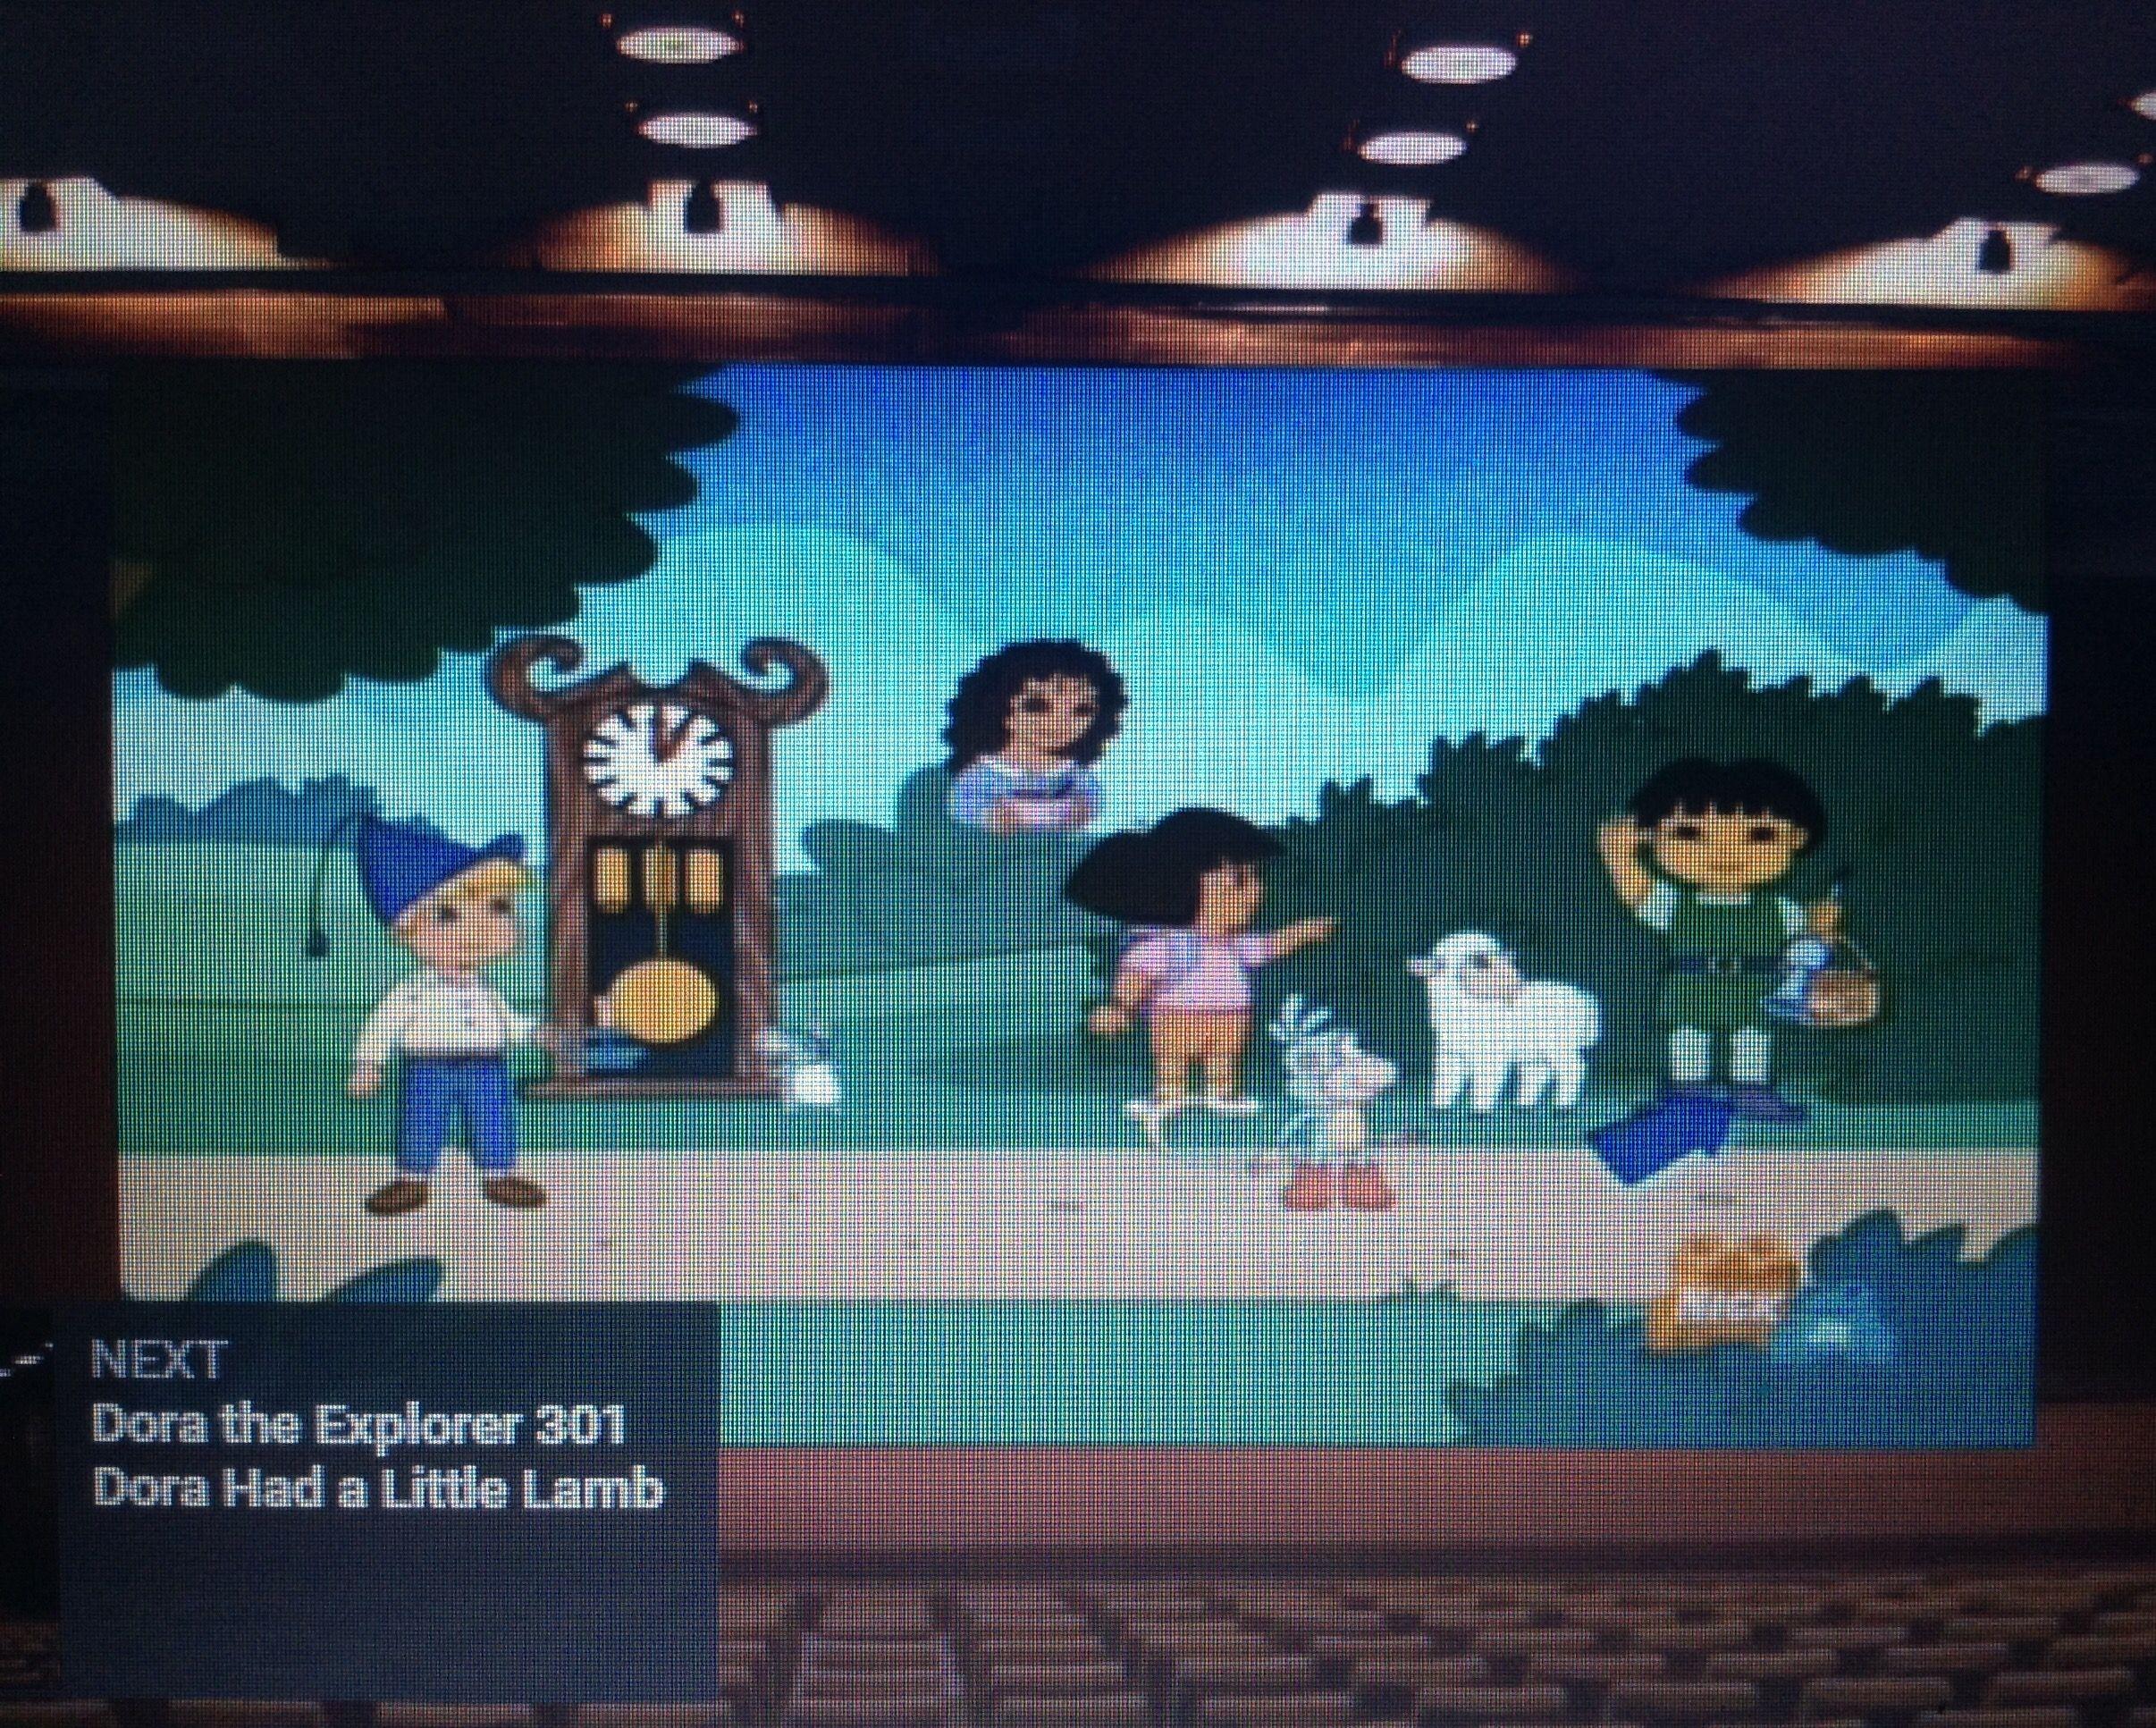 Dora The Explorer Dora Had A Little Lamb - Exploring Mars